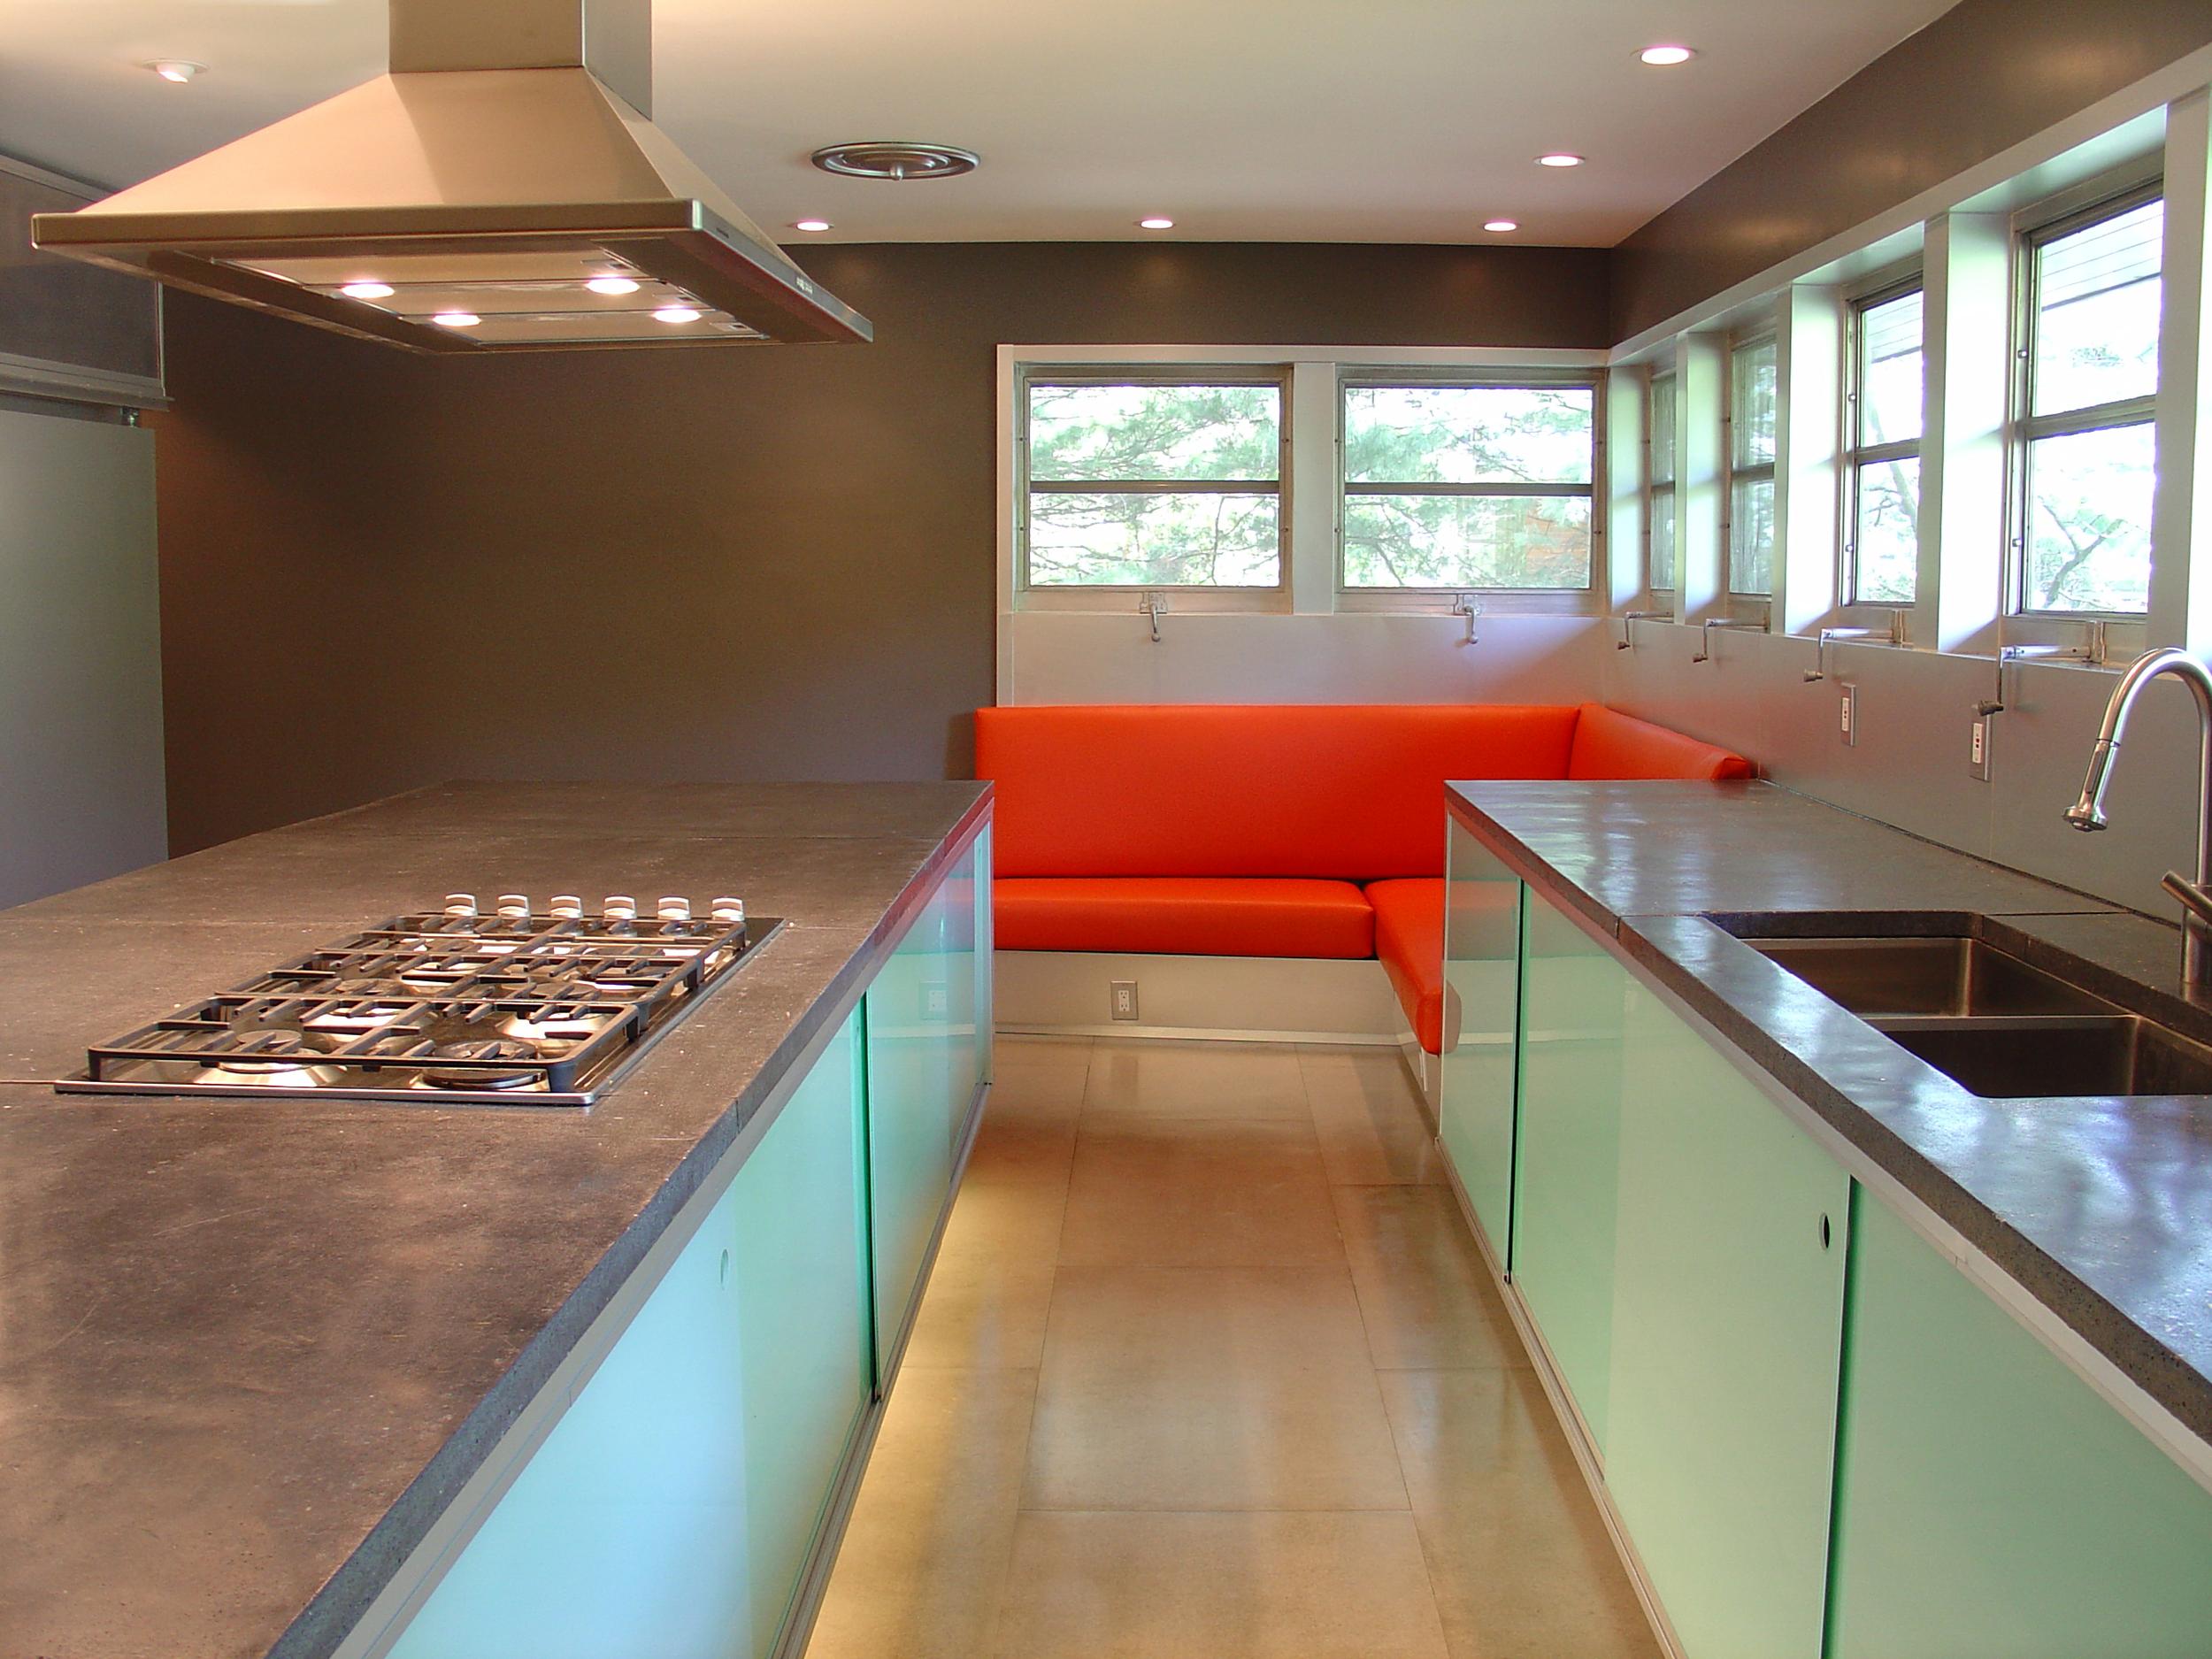 2_kitchen &benc.png